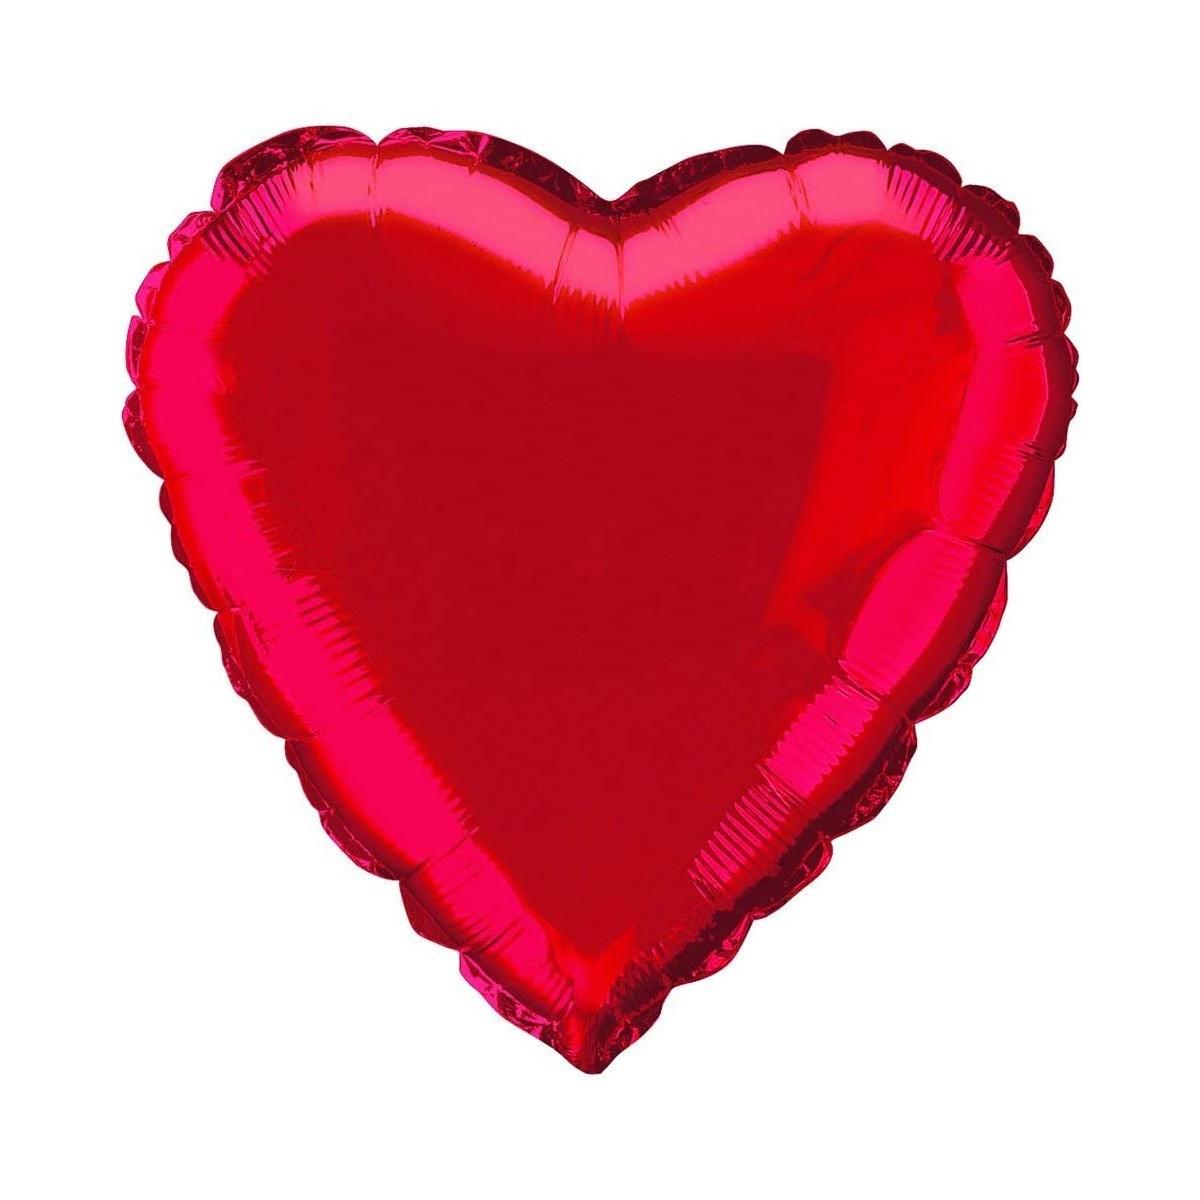 Palloncino rosso forma cuore da 45 cm, per San Valentino